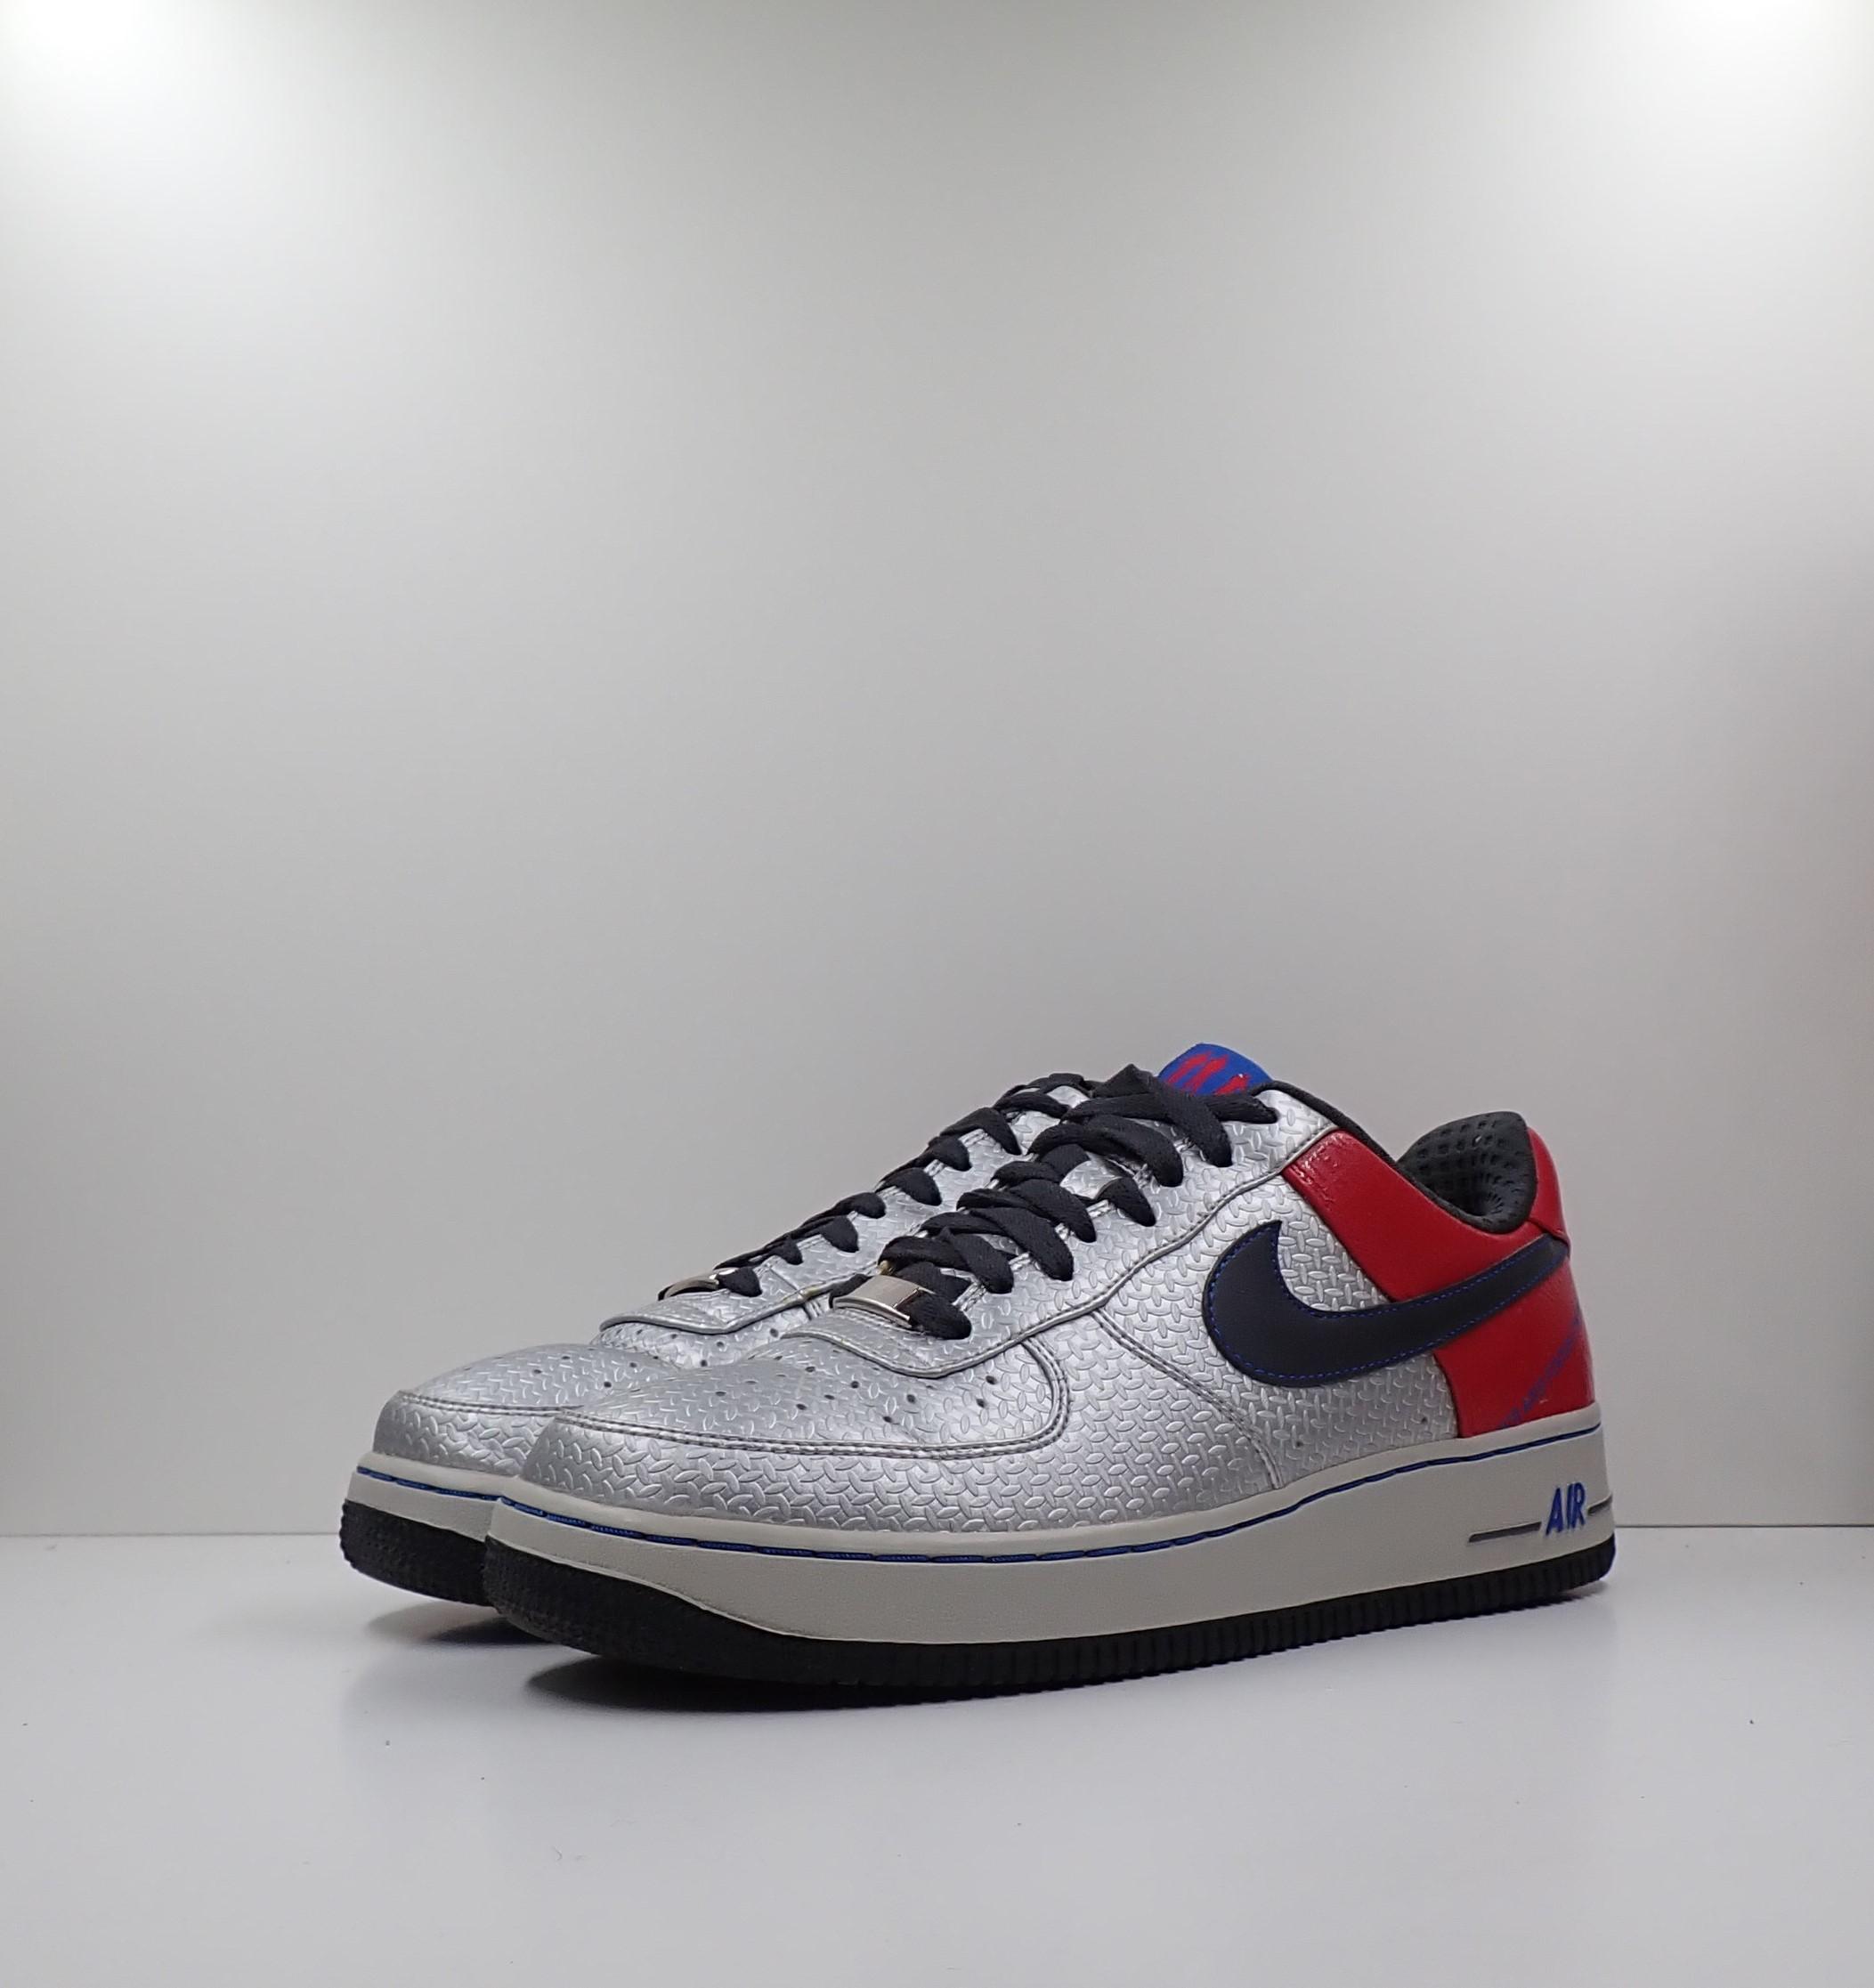 Nike Air Force 1 Premium 07 Robert Jones Original Six